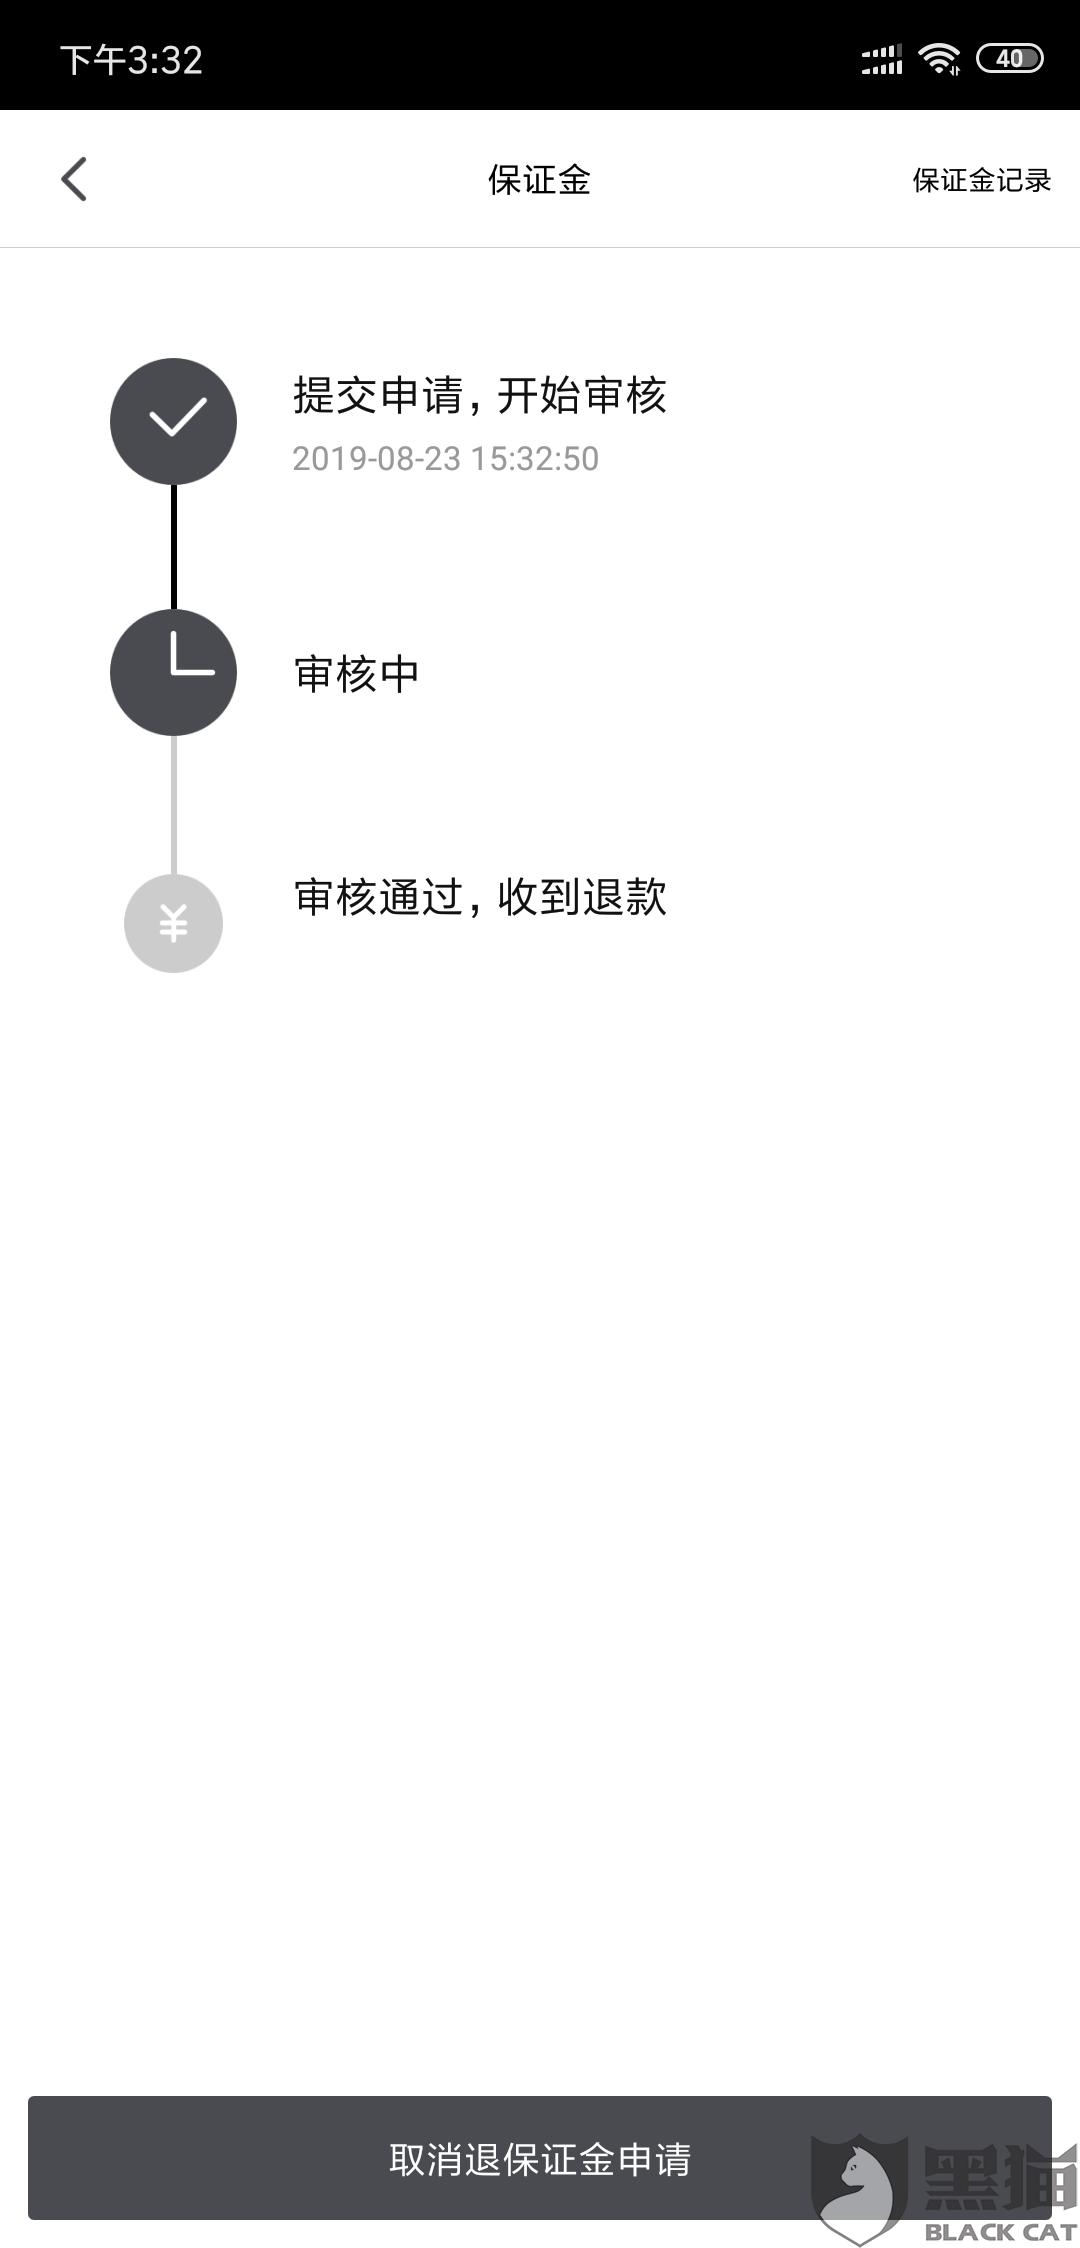 黑猫投诉:天津山和朋友公司,立刻出行共享汽车,拖欠押金